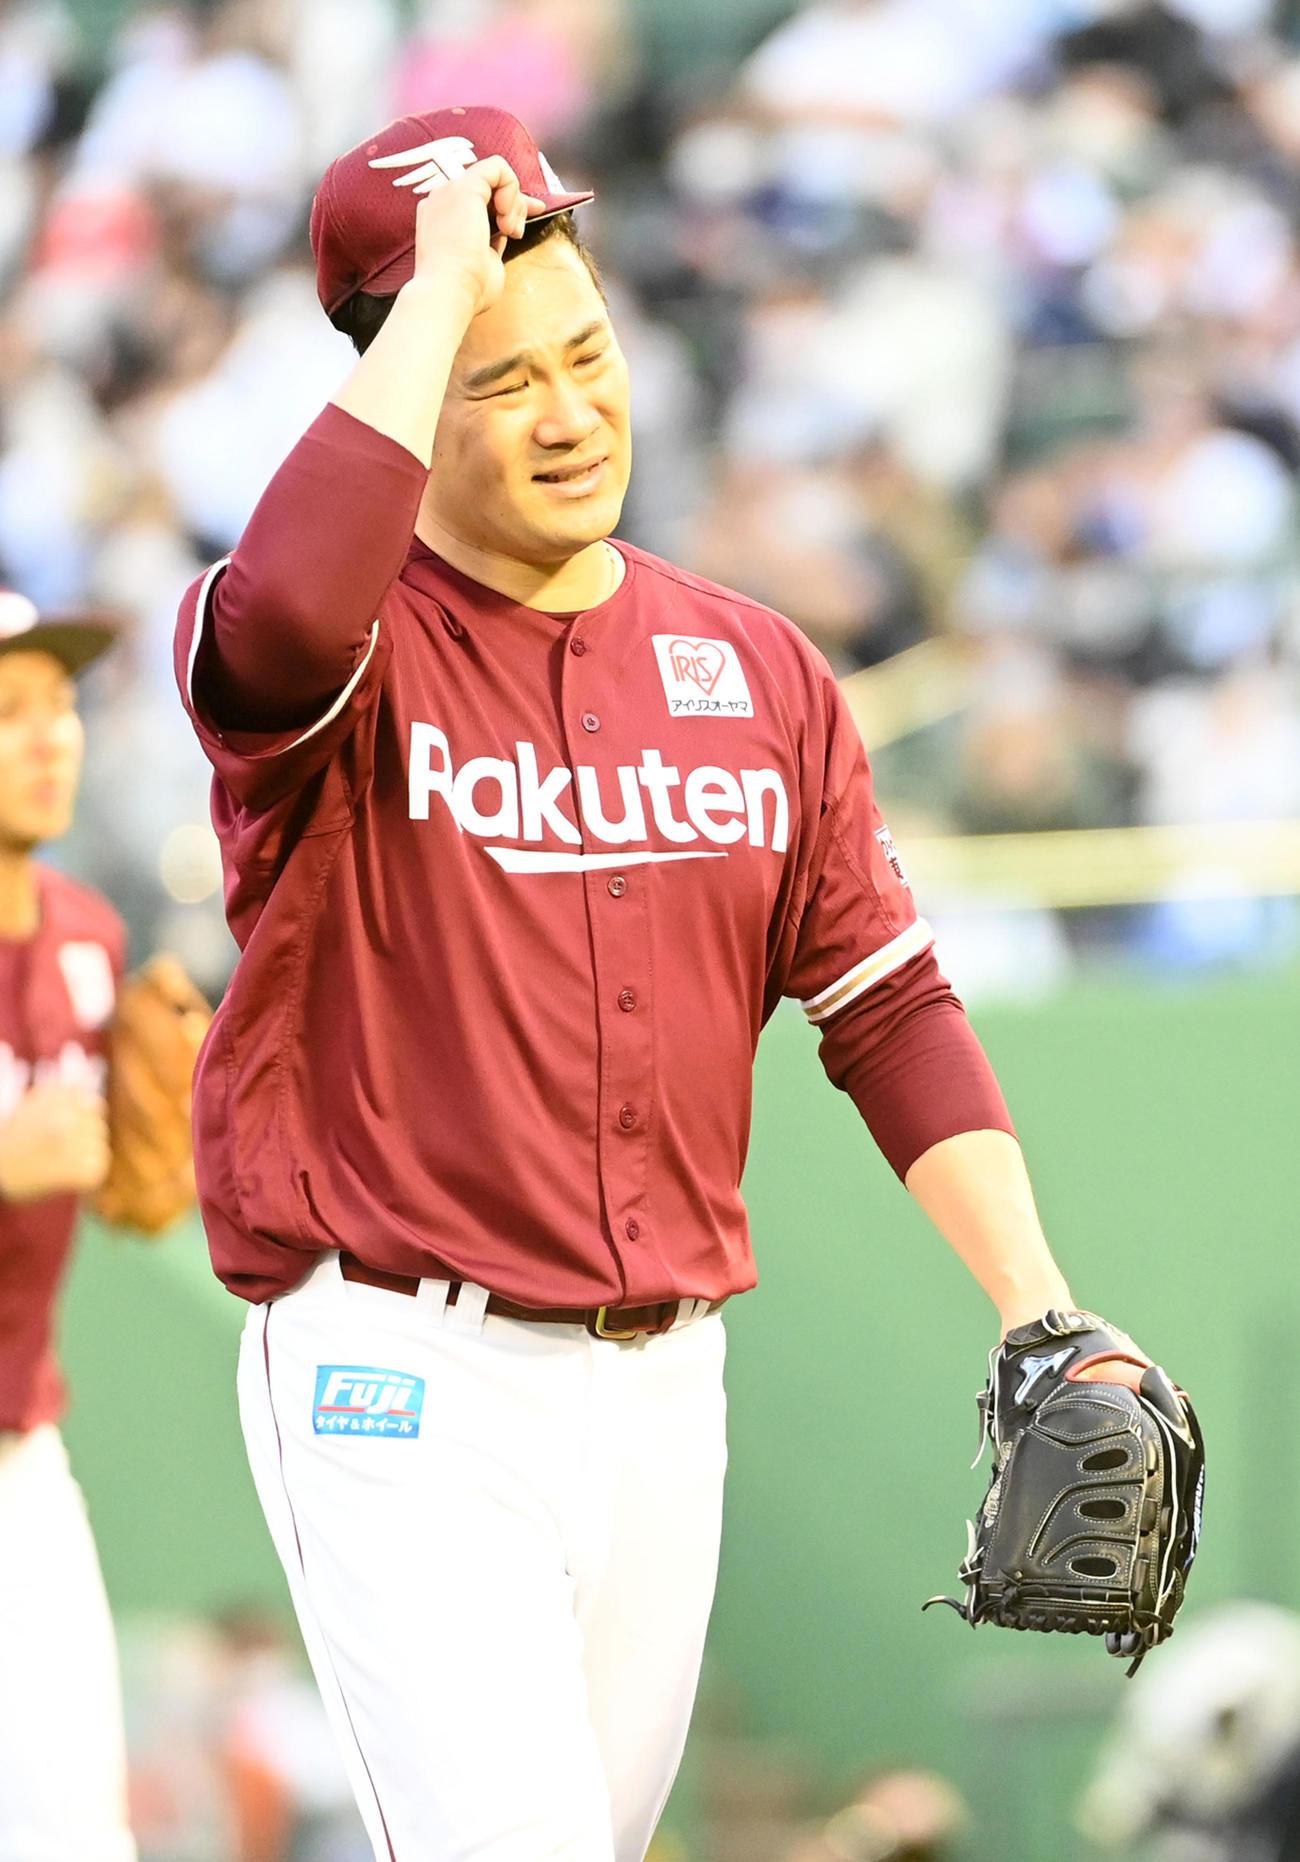 オリックス対楽天 6回、吉田正に逆転の3点本塁打を打たれがっくりとベンチに戻る田中将(撮影・前岡正明)